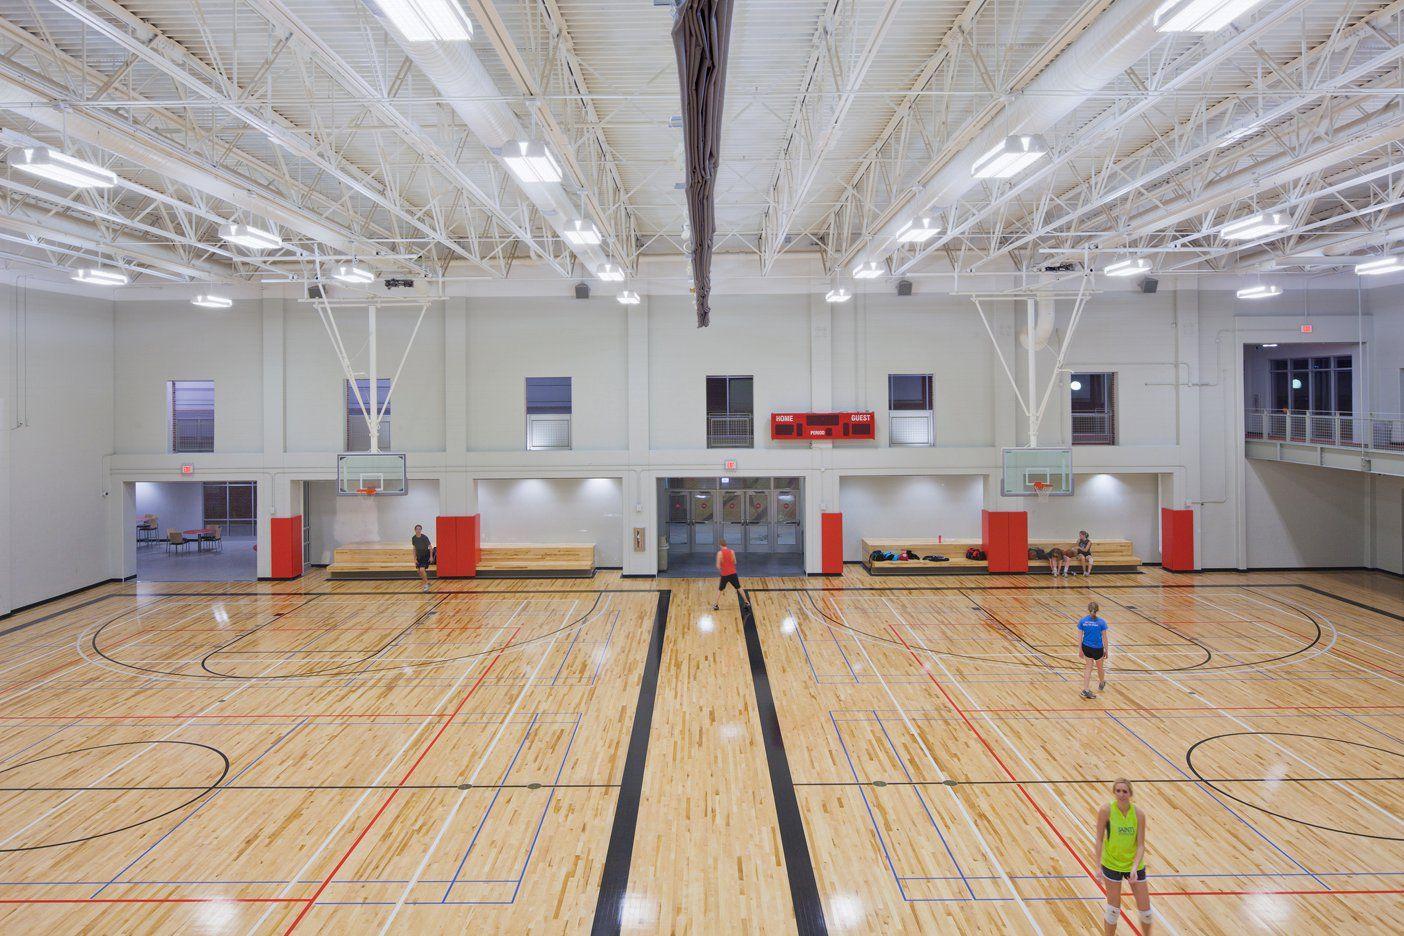 University Of Nebraska Omaha Health Fitness Indoor Spa Open Gym Future School